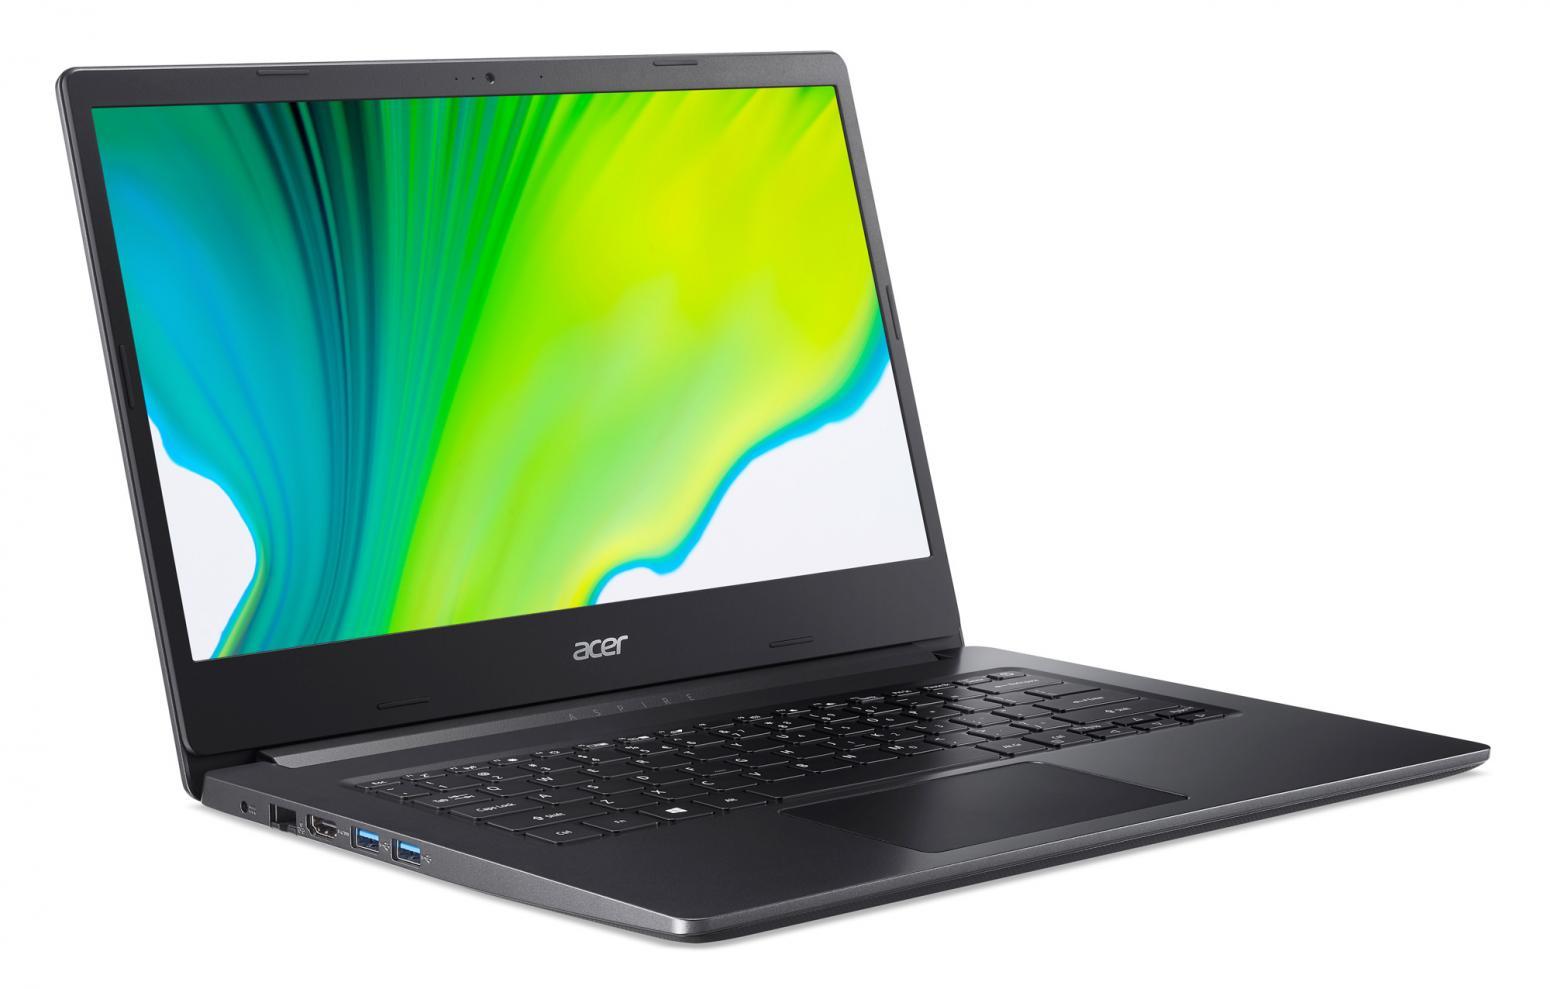 Ordinateur portable Acer Aspire 3 A314-22-R14R - Ryzen 3 - photo 2